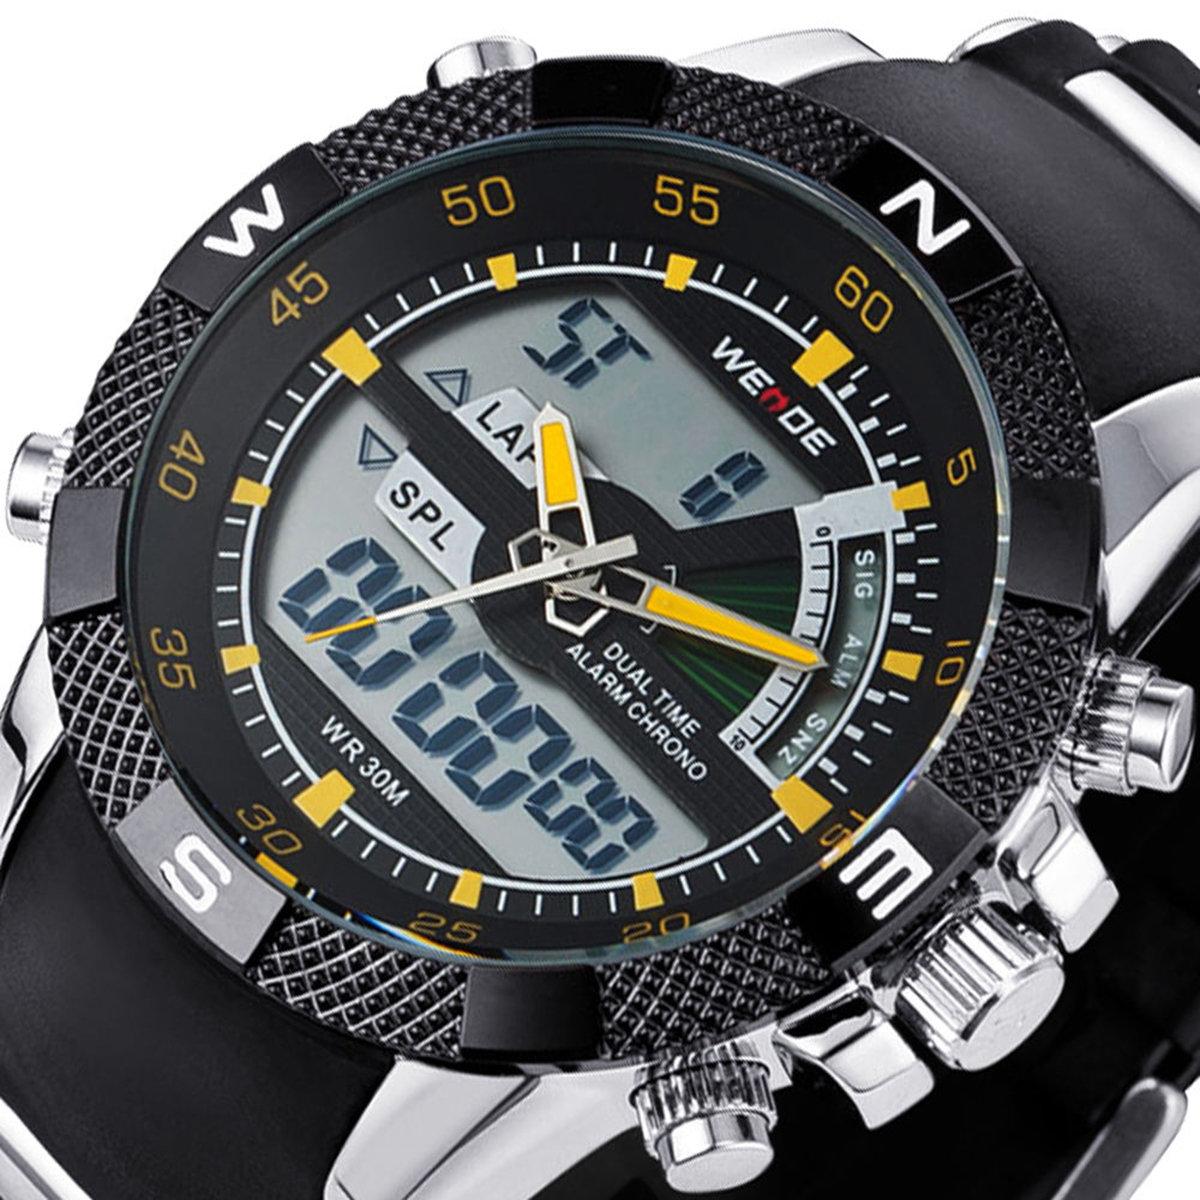 Компания weide watch co, выпускающая часы под брендом weide, имеет многолетний опыт работы на рынке производства и продажи часов.